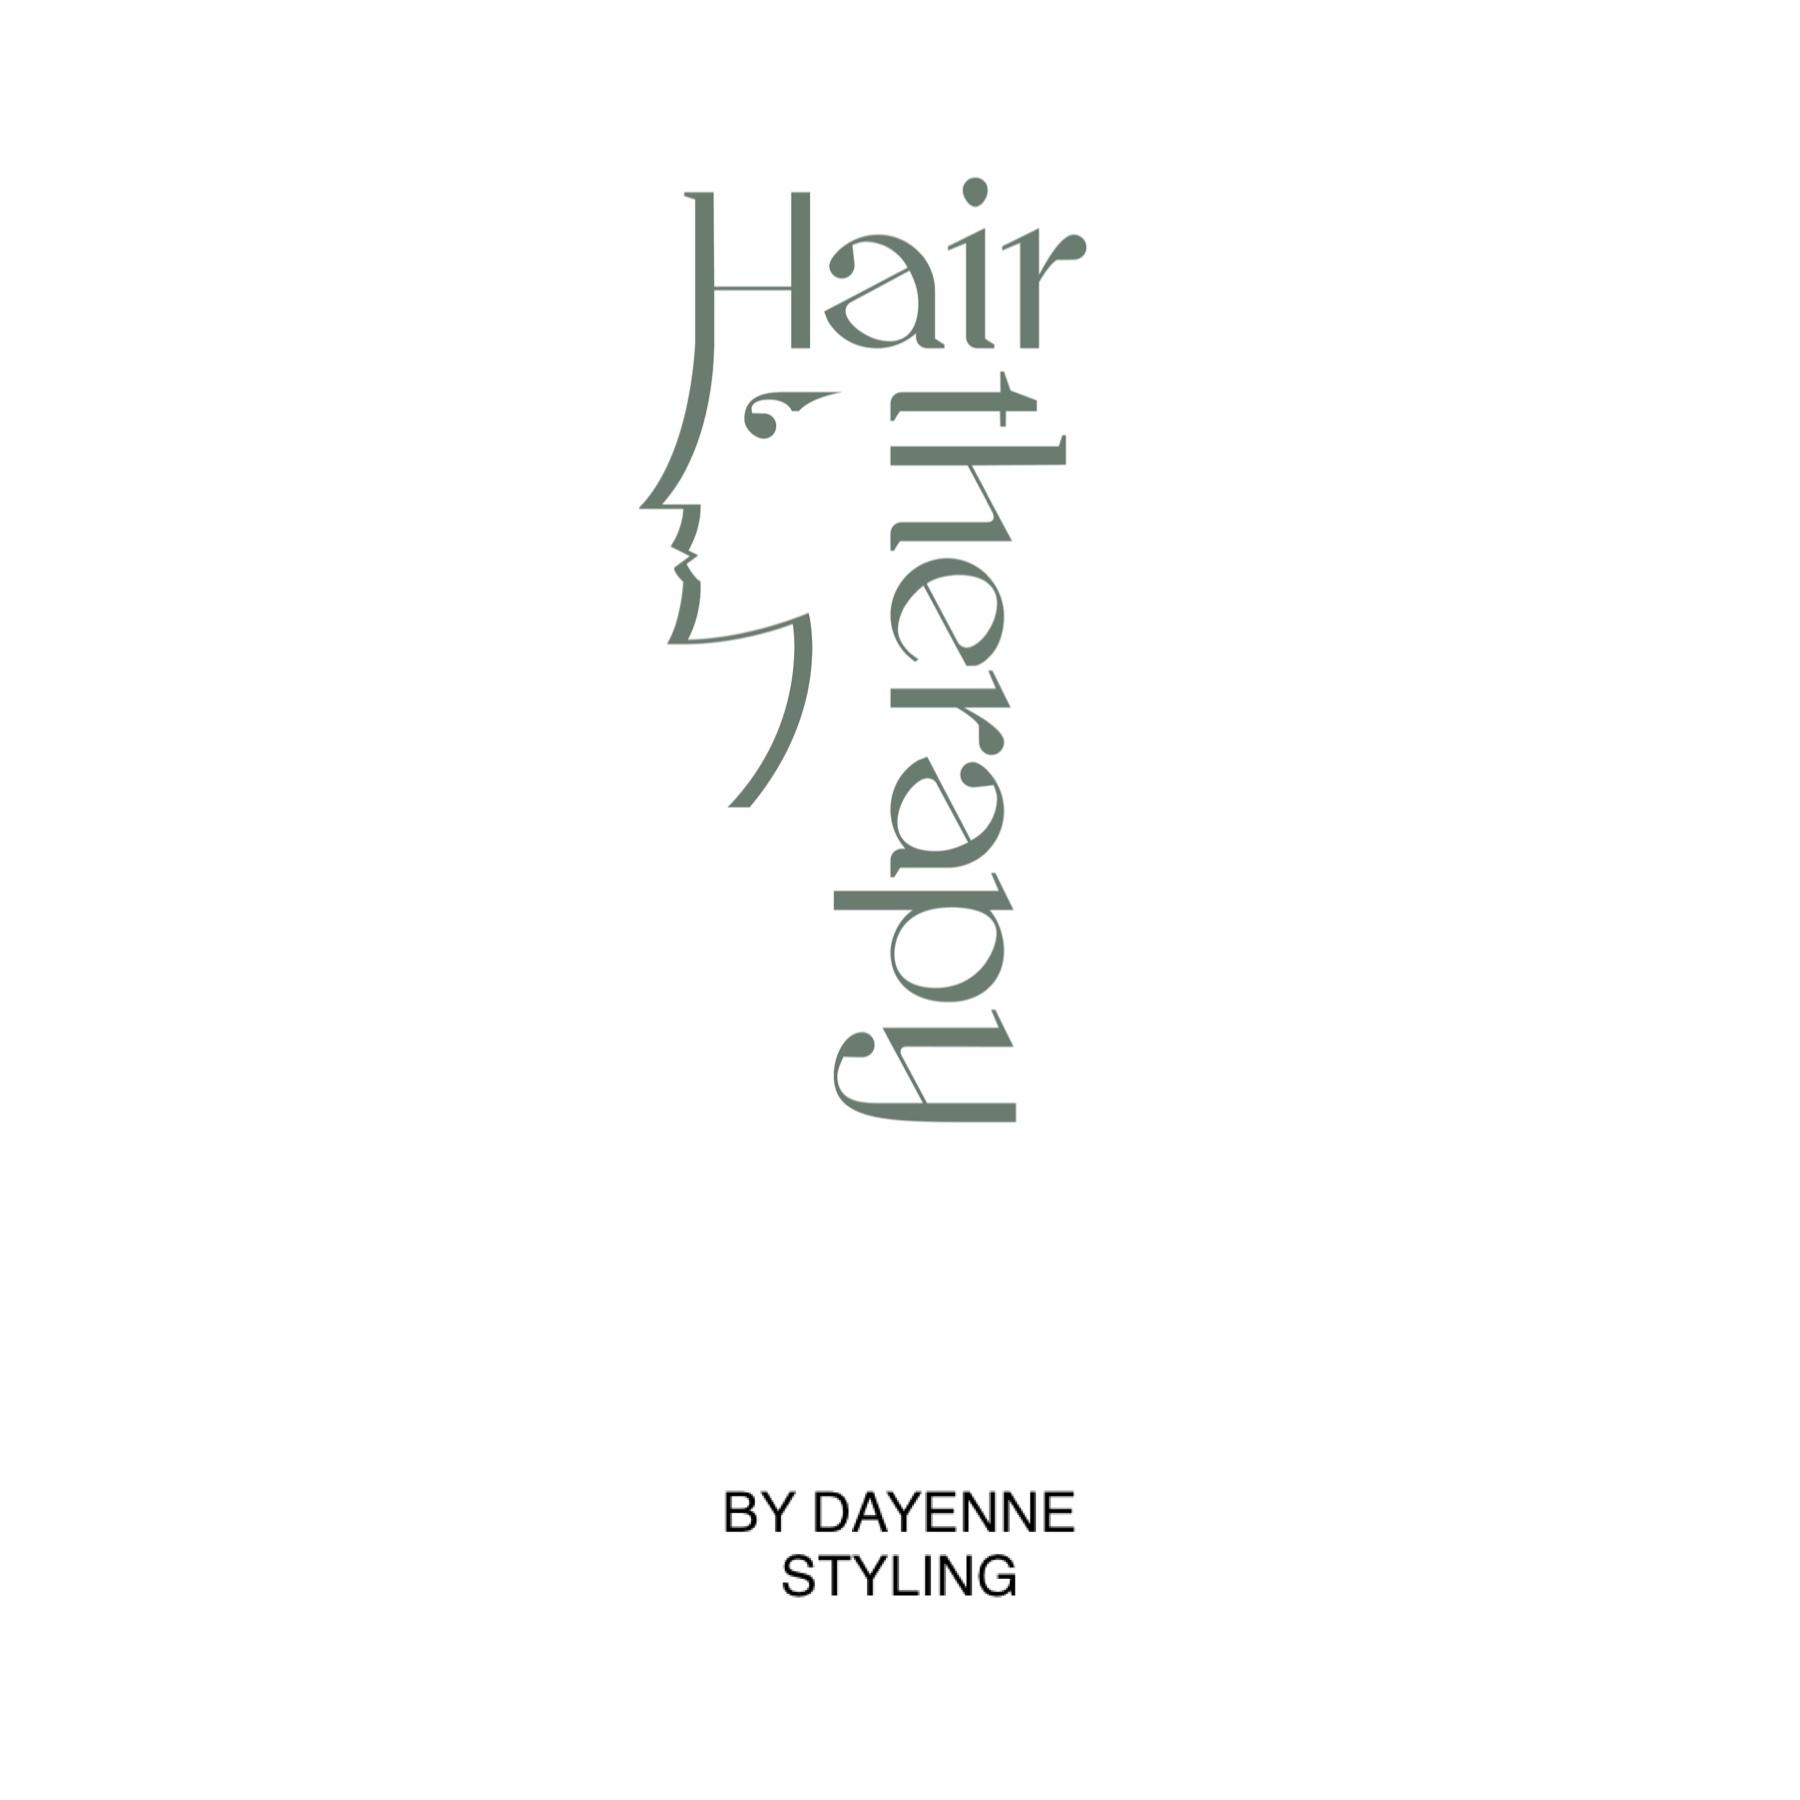 Dayenne Styling